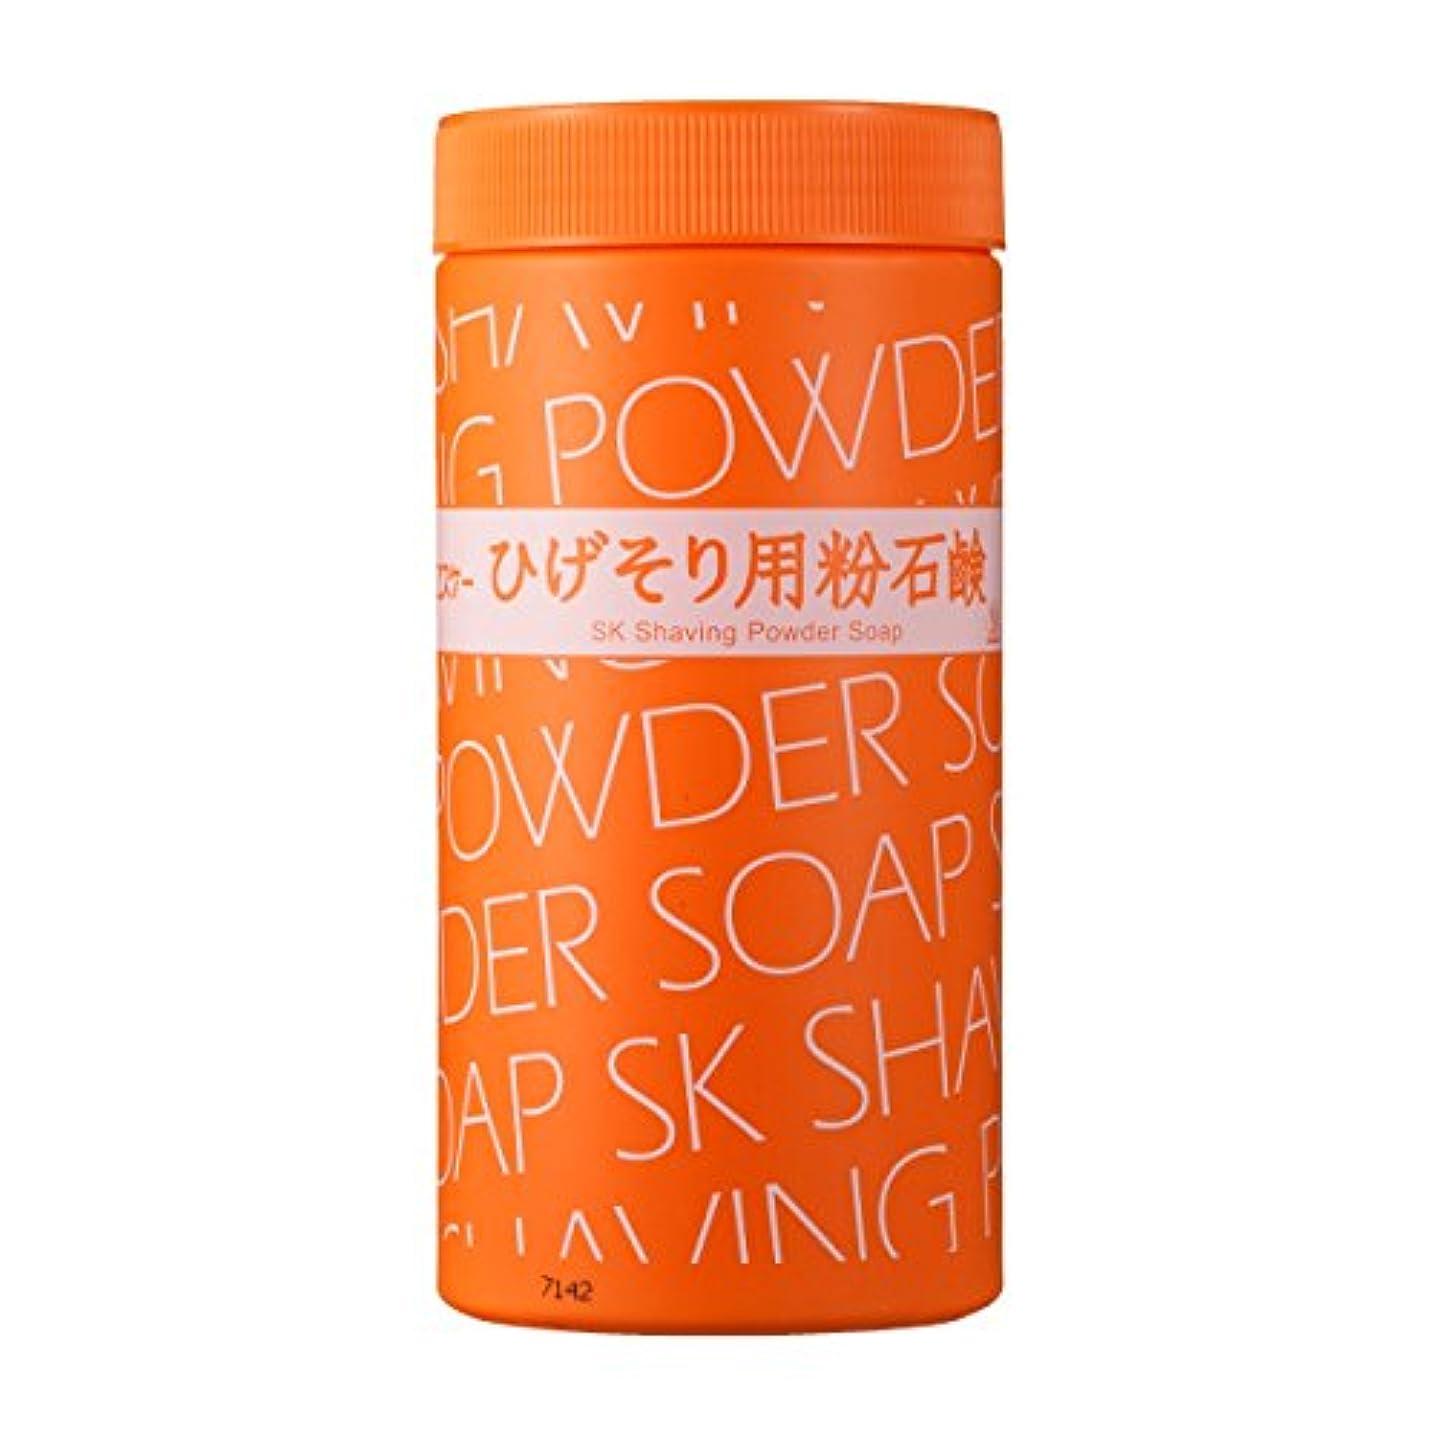 決めます欲しいです敬意エスケー石鹸 エスケー ひげそり用 粉石鹸 500g シェービングフォーム